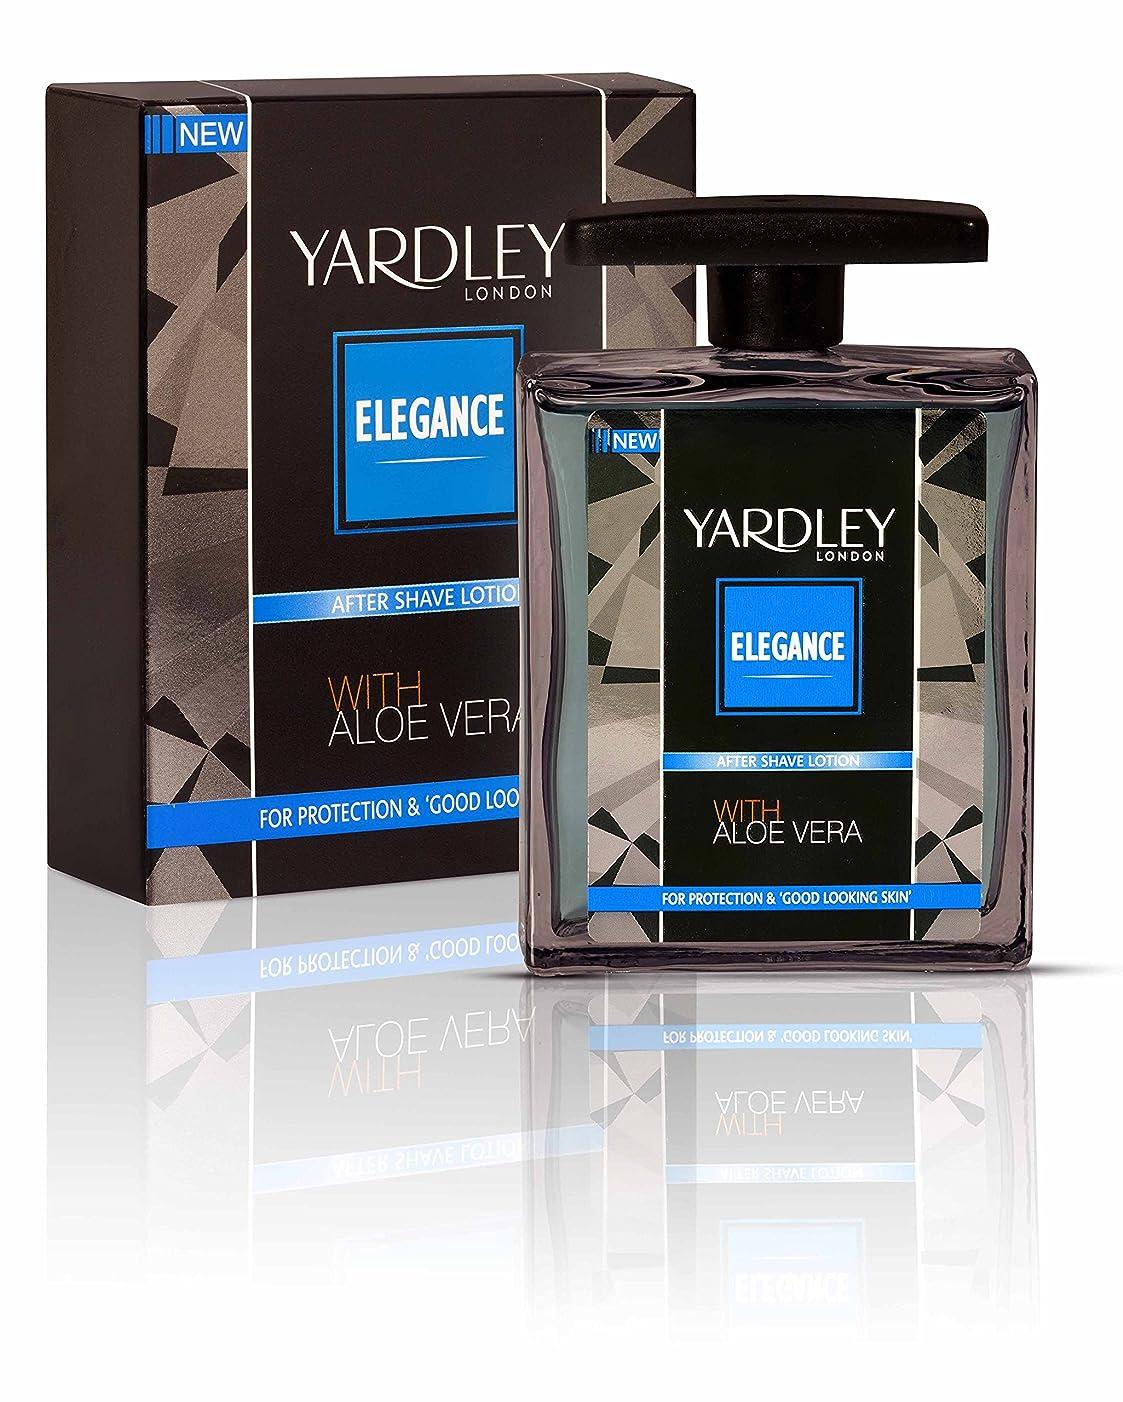 立ち向かう慎重に上昇Yardley London Elegance After Shave Lotion With Aloe Vera 50ml